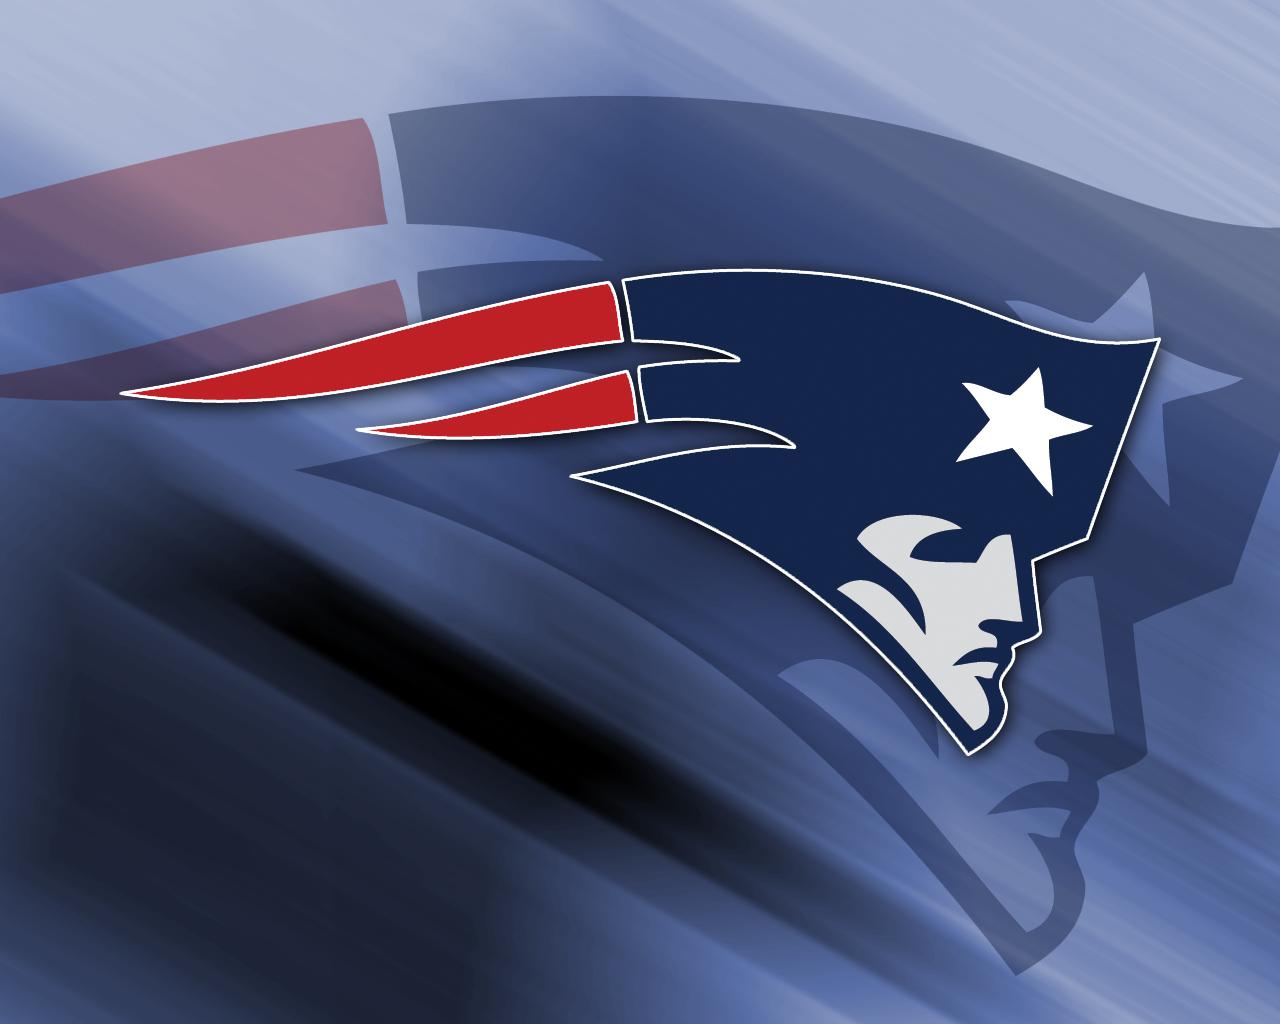 http://1.bp.blogspot.com/-Vpkh3swiZVk/TsAEQ_F0L0I/AAAAAAAAsoc/el8QkA1IeIs/s1600/New_England_Patriots_logo2.jpg